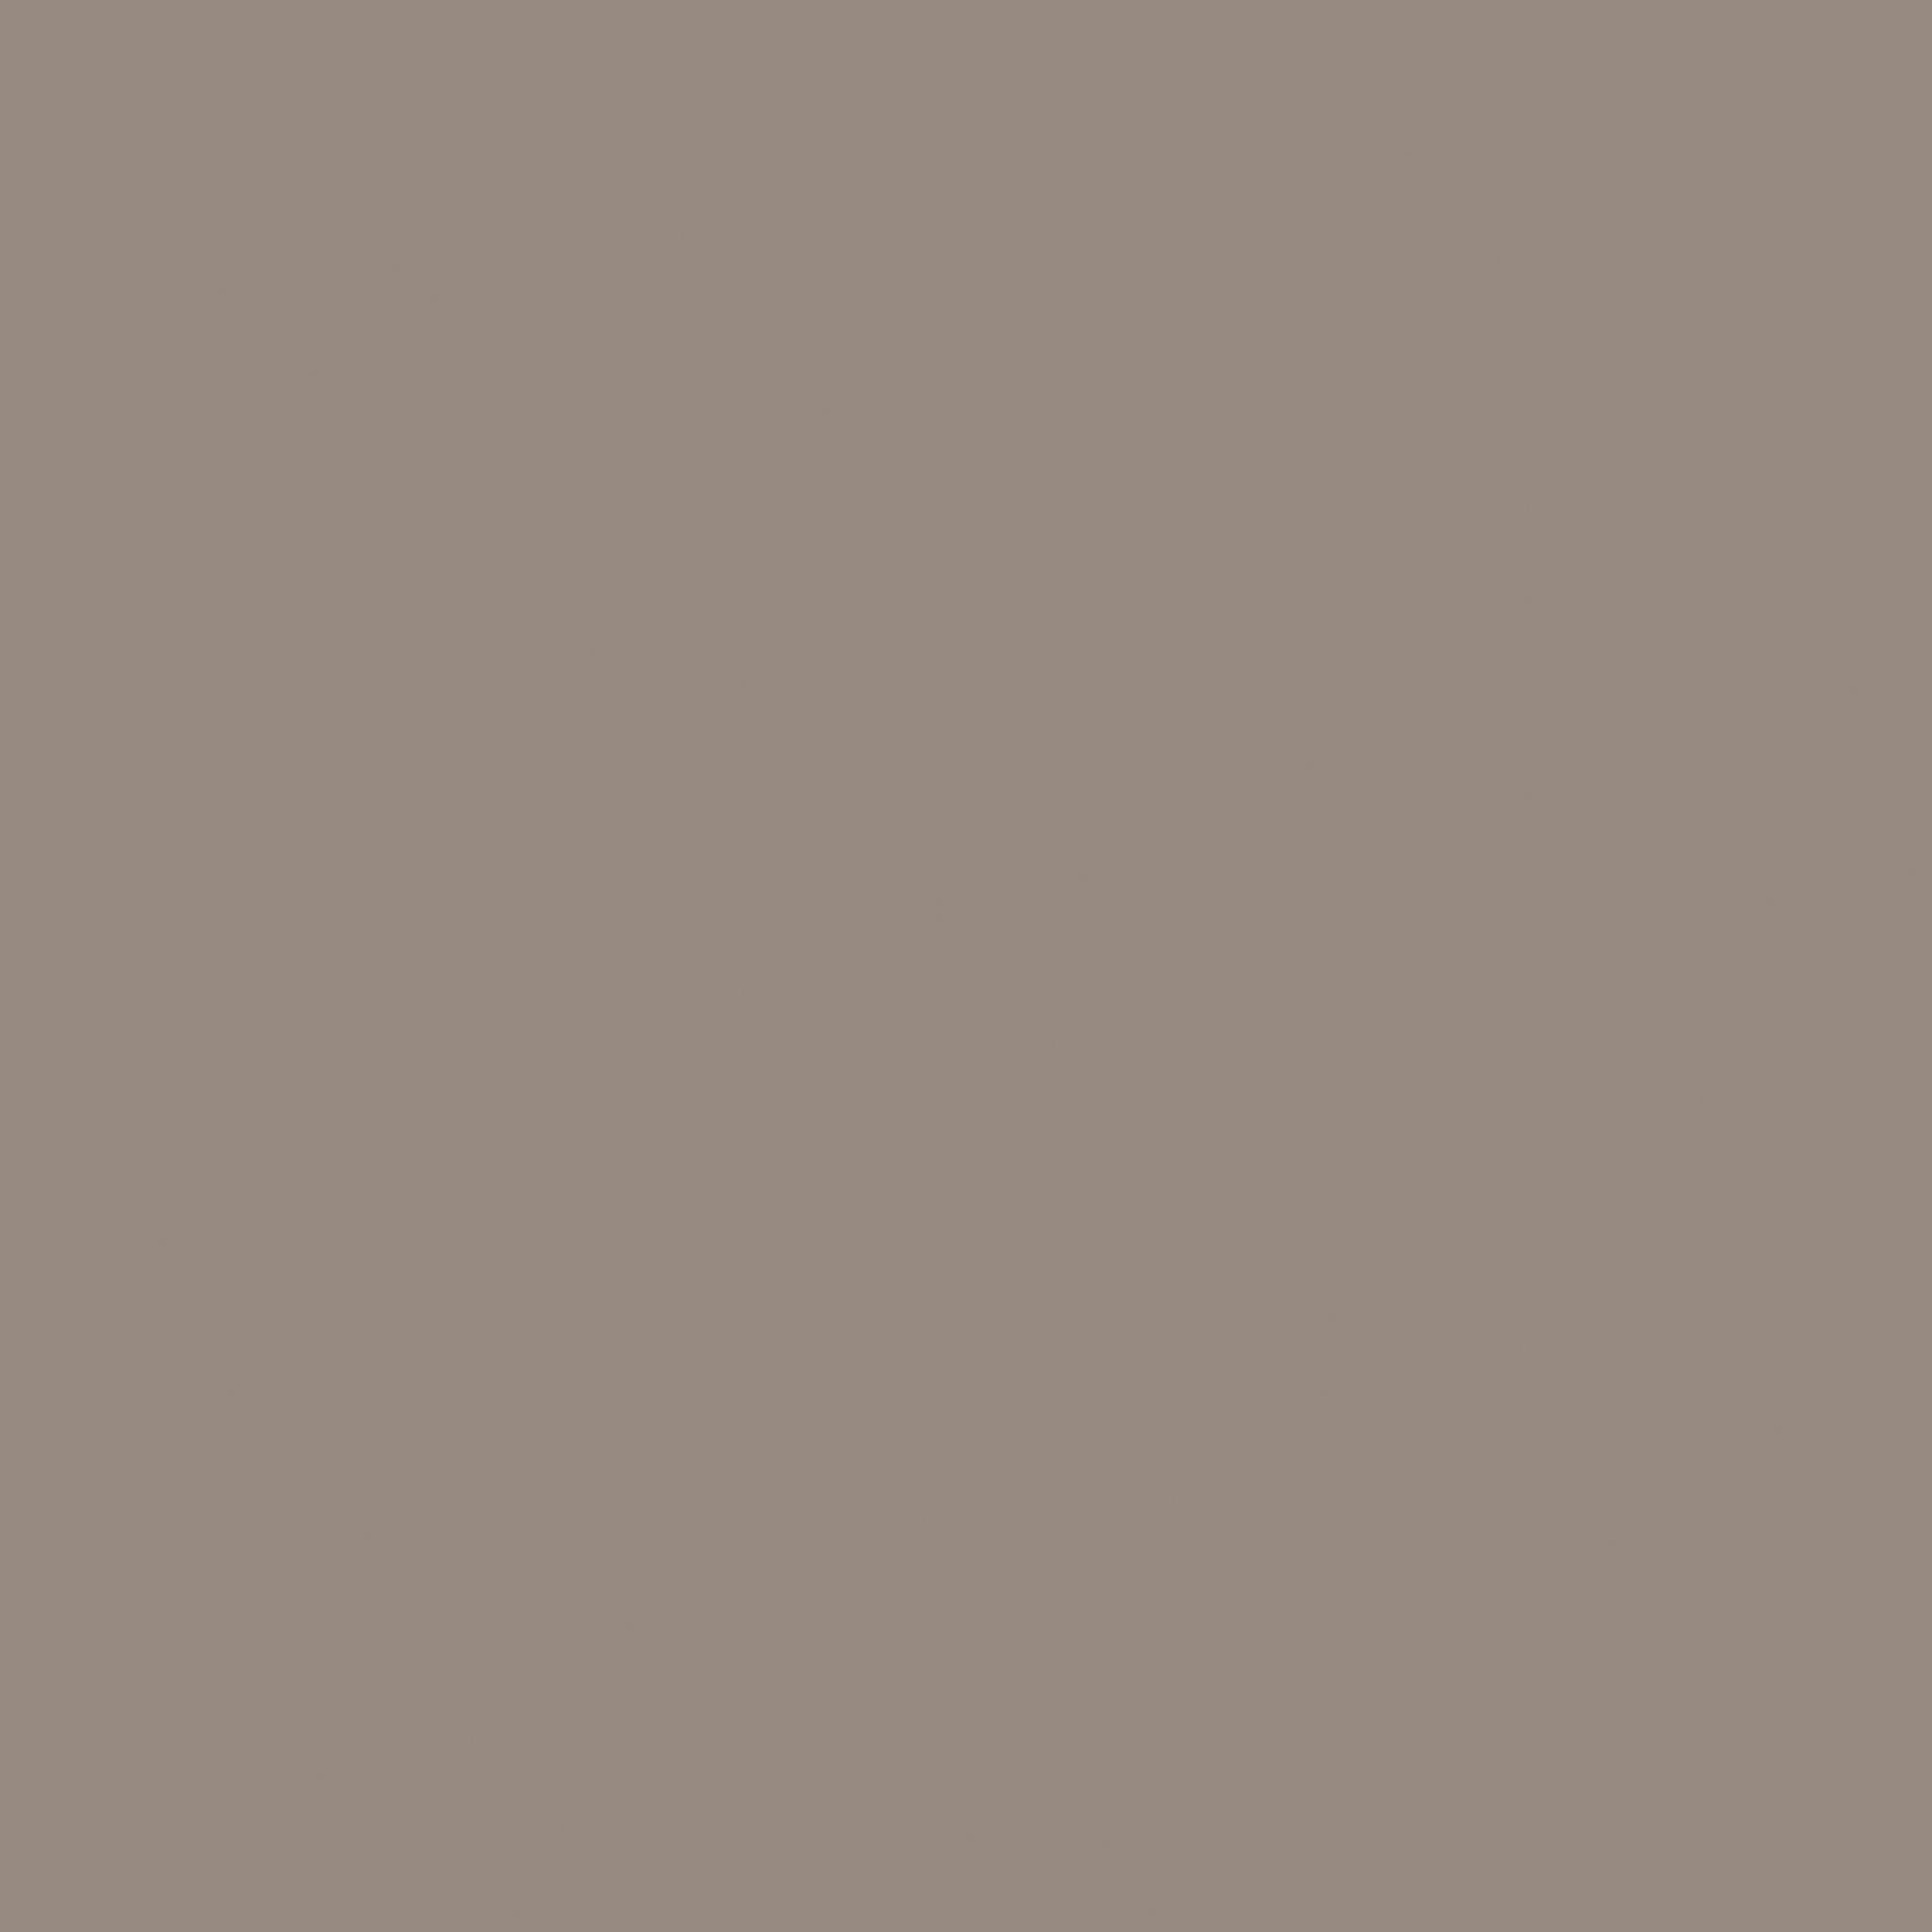 Stone Grey U16002